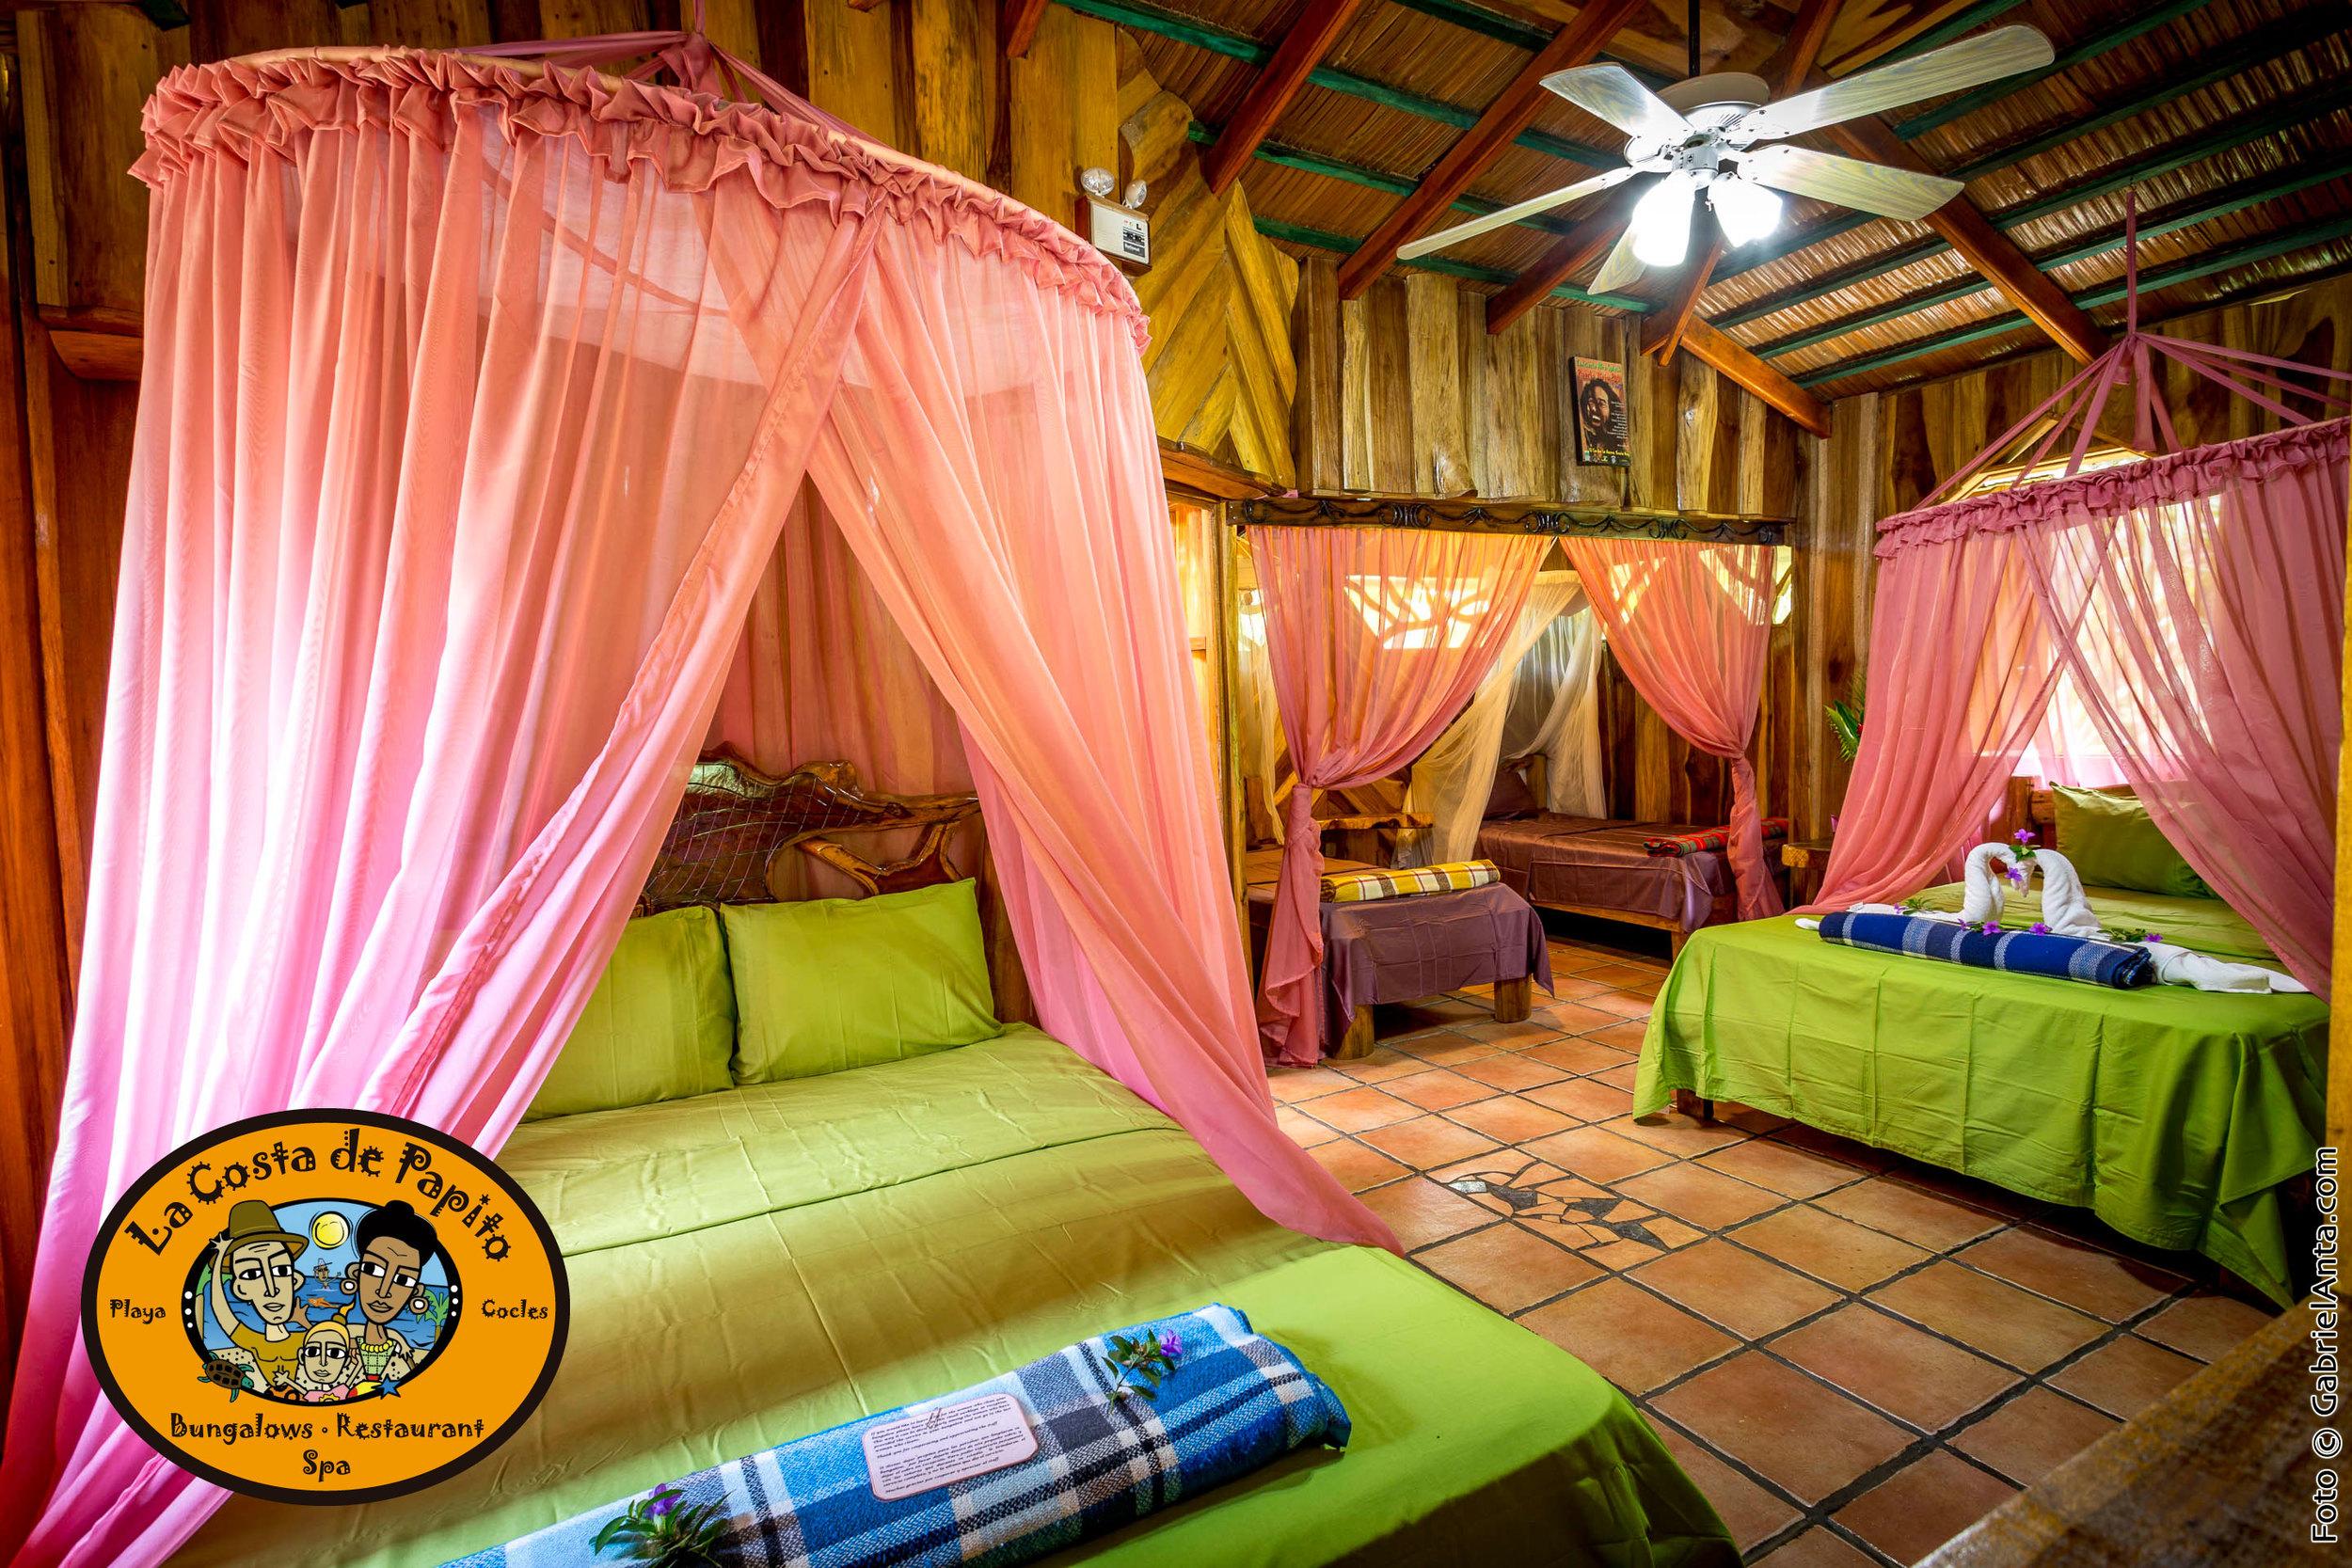 costa-de-papito-room4.jpg